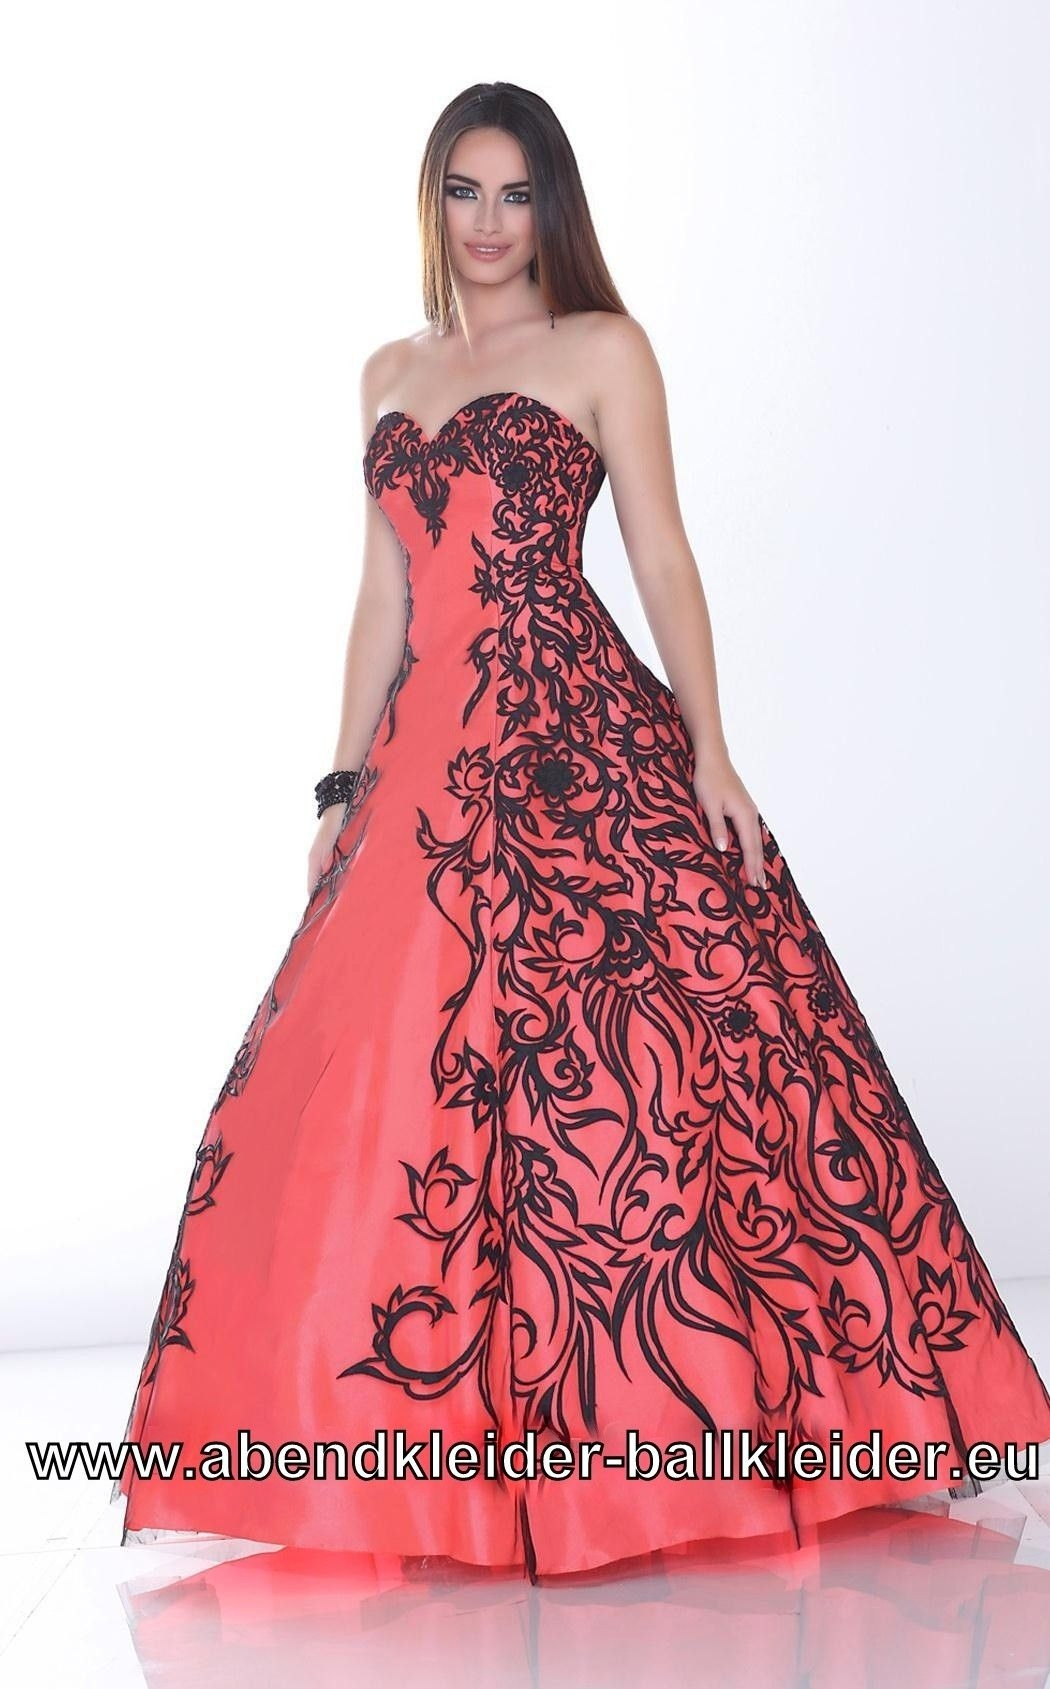 13 Perfekt Www Abendkleider Design17 Genial Www Abendkleider Spezialgebiet